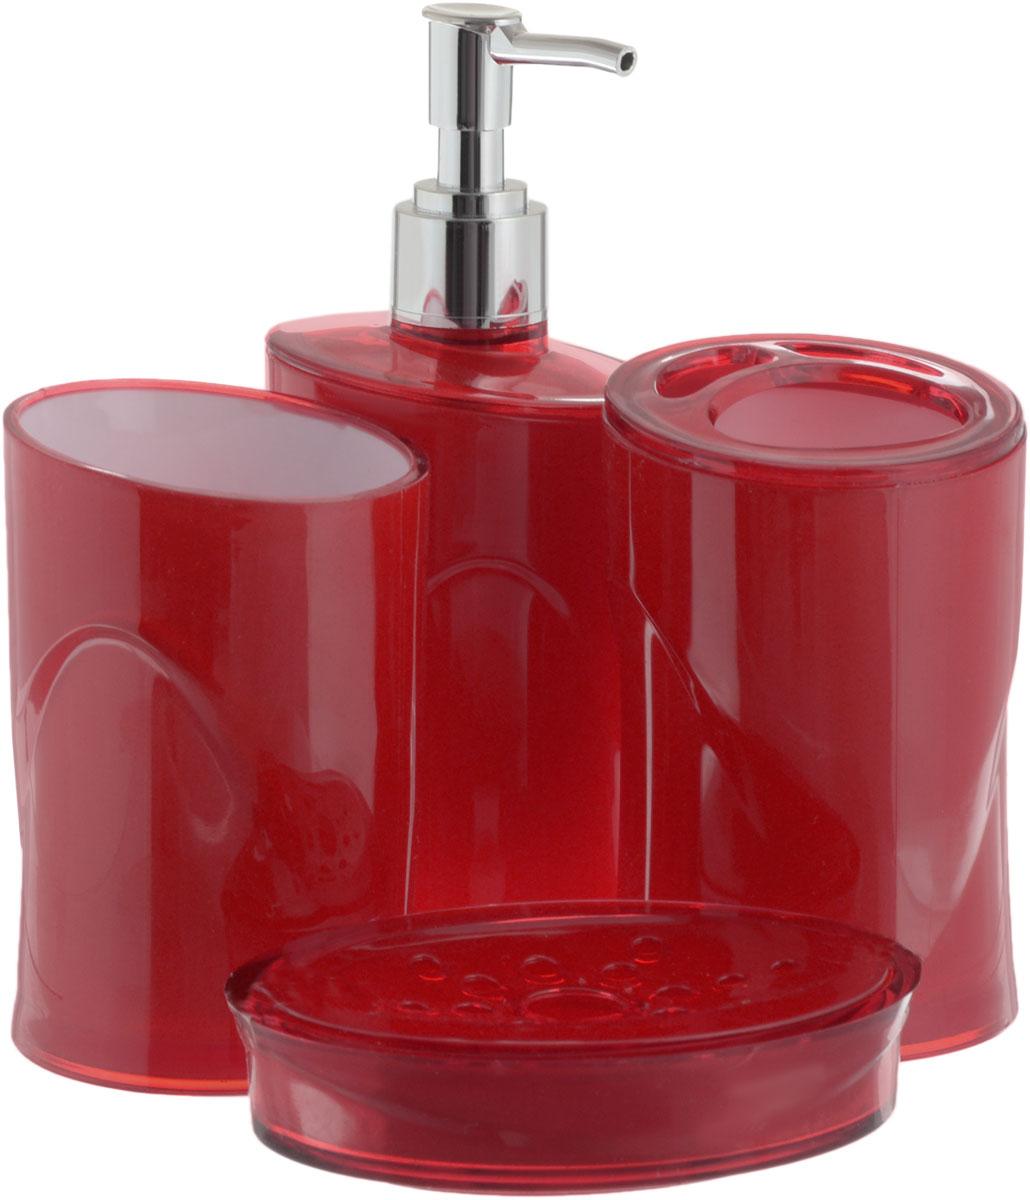 Набор для ванной комнаты Indecor, цвет: красный, 4 предметаIND053rНабор для ванной комнаты Indecor состоит из стакана, стакана для зубных щеток, дозатора для жидкого мыла и мыльницы. Стаканы, дозатор и мыльница изготовлены из высококачественного пластика. Аксессуары, входящие в набор Indecor, выполняют не только практическую, но и декоративную функцию. Они способны внести в помещение изысканность, сделать пребывание в нем приятным и даже незабываемым. Размер стаканов: 7 х 7 х 11 см. Объем стаканов: 300 мл. Размер дозатора: 7 х 7 х 17,5 см. Объем дозатора: 300 мл. Размер мыльницы: 11,5 х 9 х 3 см.